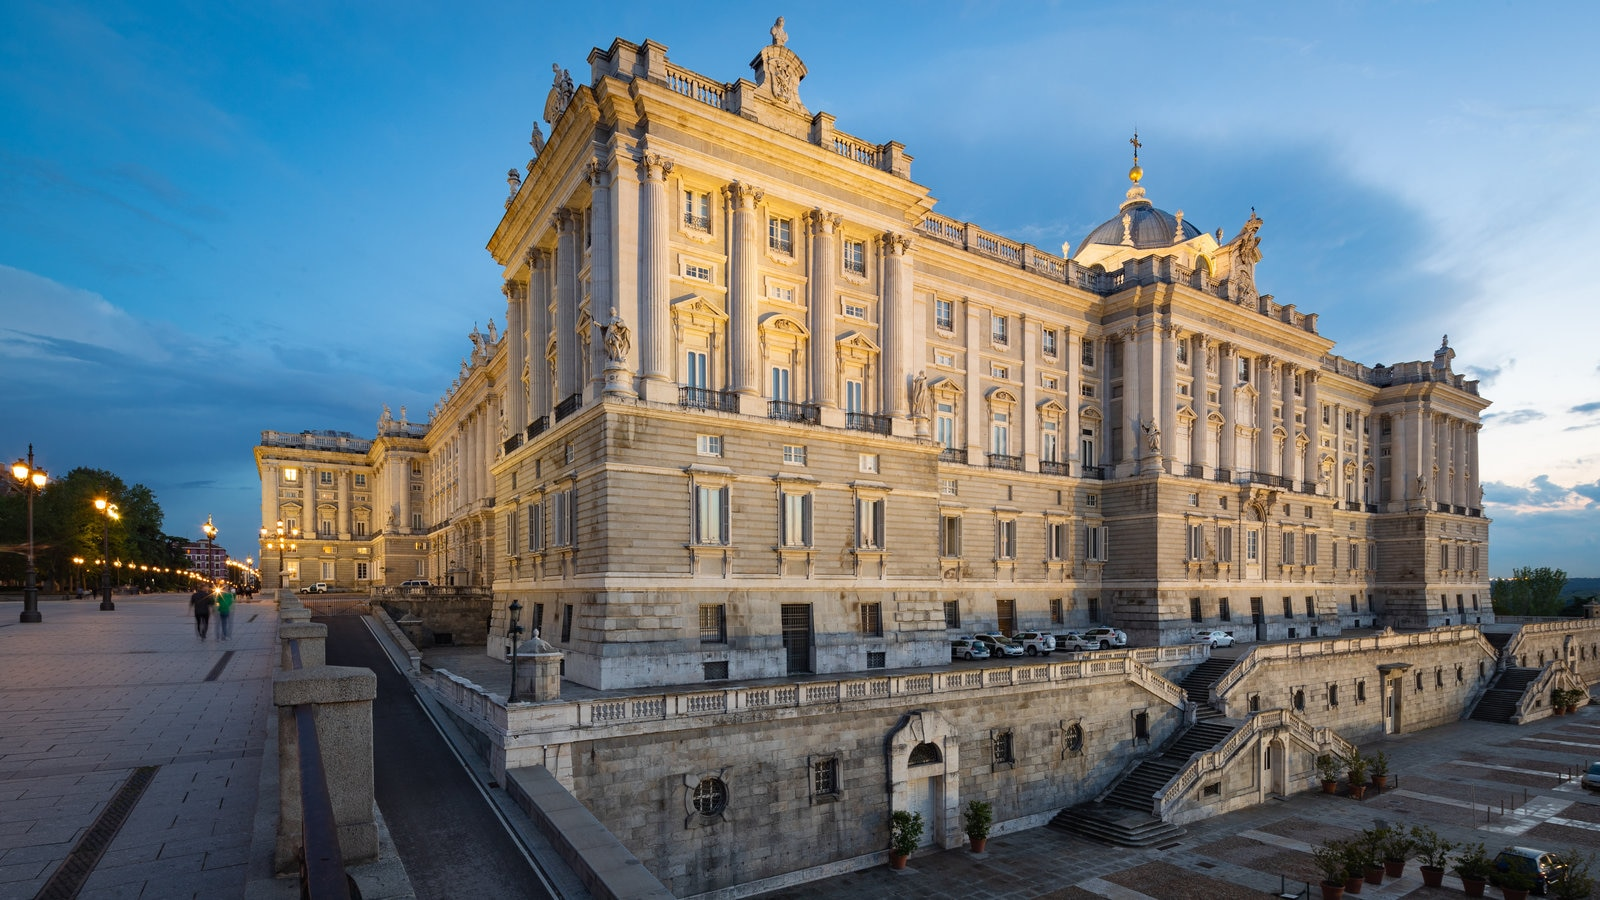 Palacio Real ofreciendo castillo o palacio, patrimonio de arquitectura y una puesta de sol